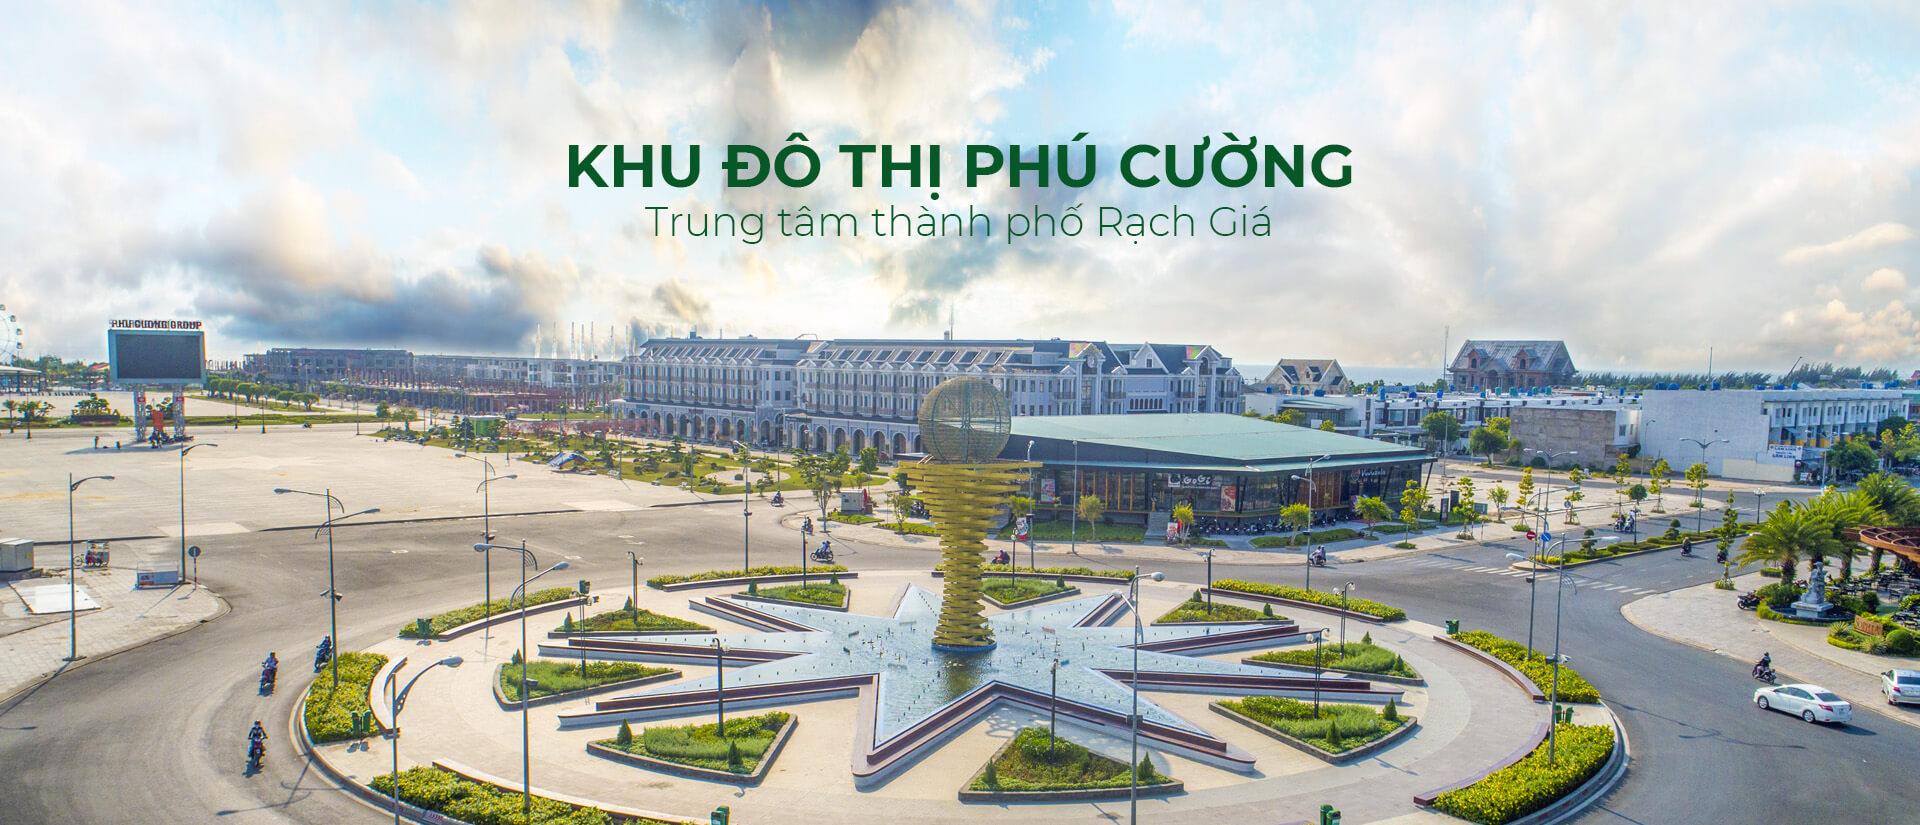 Khu đô thị Phú Cường